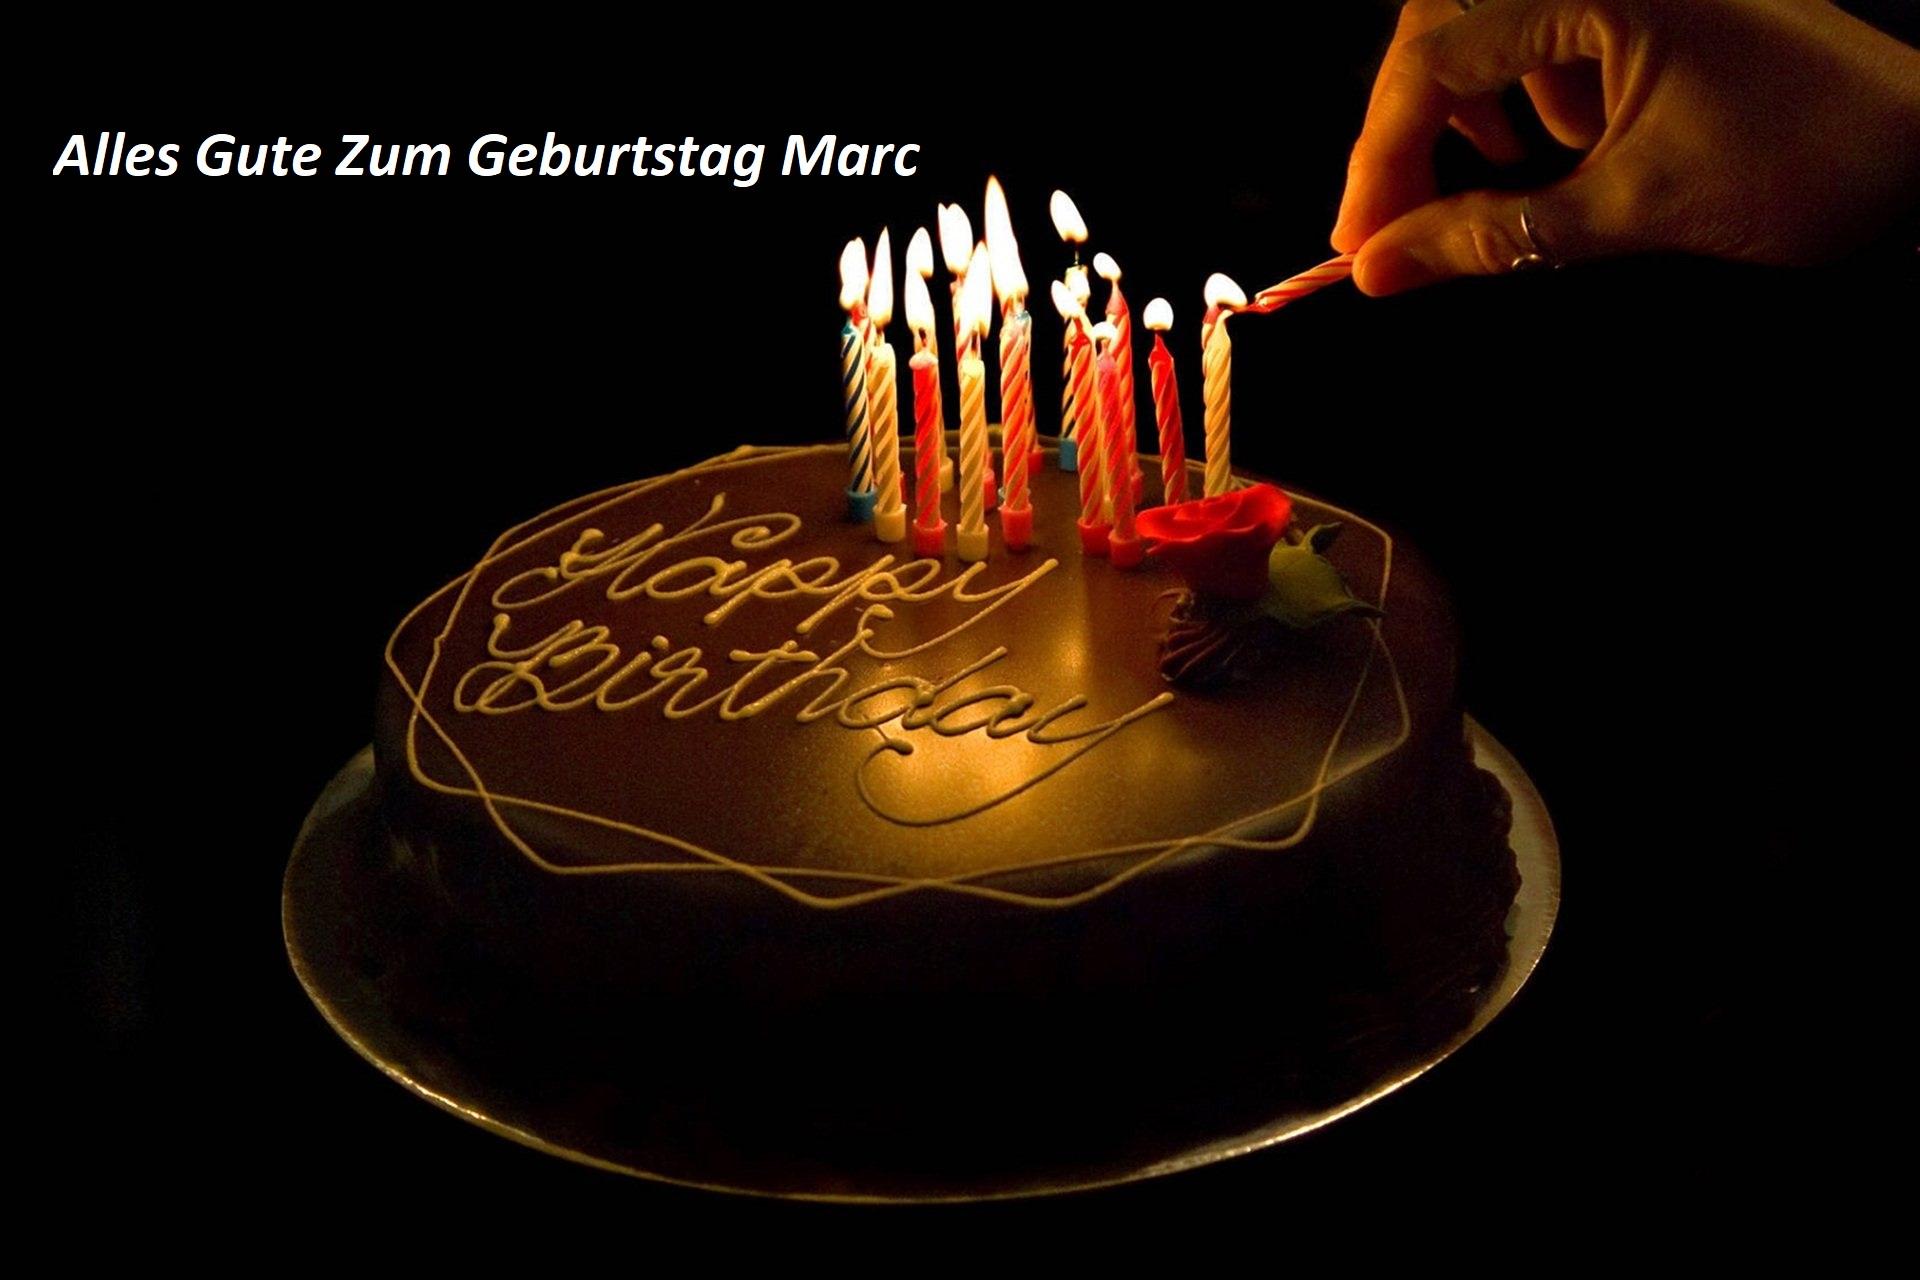 Alles Gute Zum Geburtstag Marc 5 - Alles Gute Zum Geburtstag Marc bilder